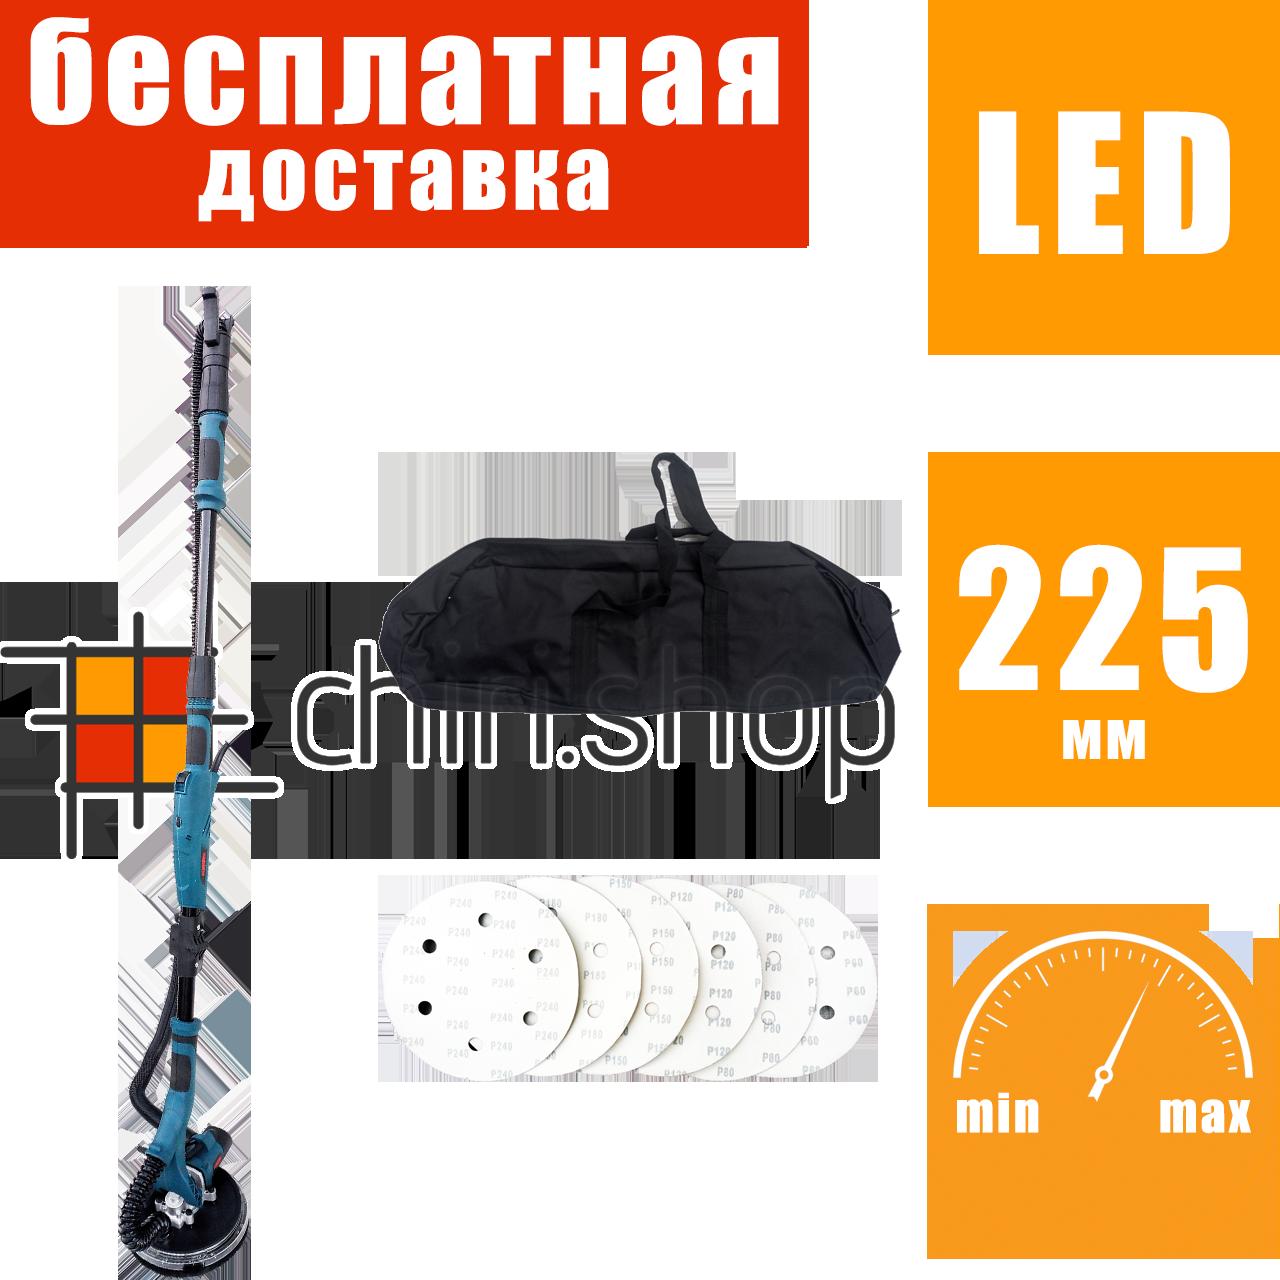 """Шлифмашина для стен """"жираф"""" с LED-подсветкой Eurotec DS 201, шлифовальная машина для шпаклевки стен и потолка"""